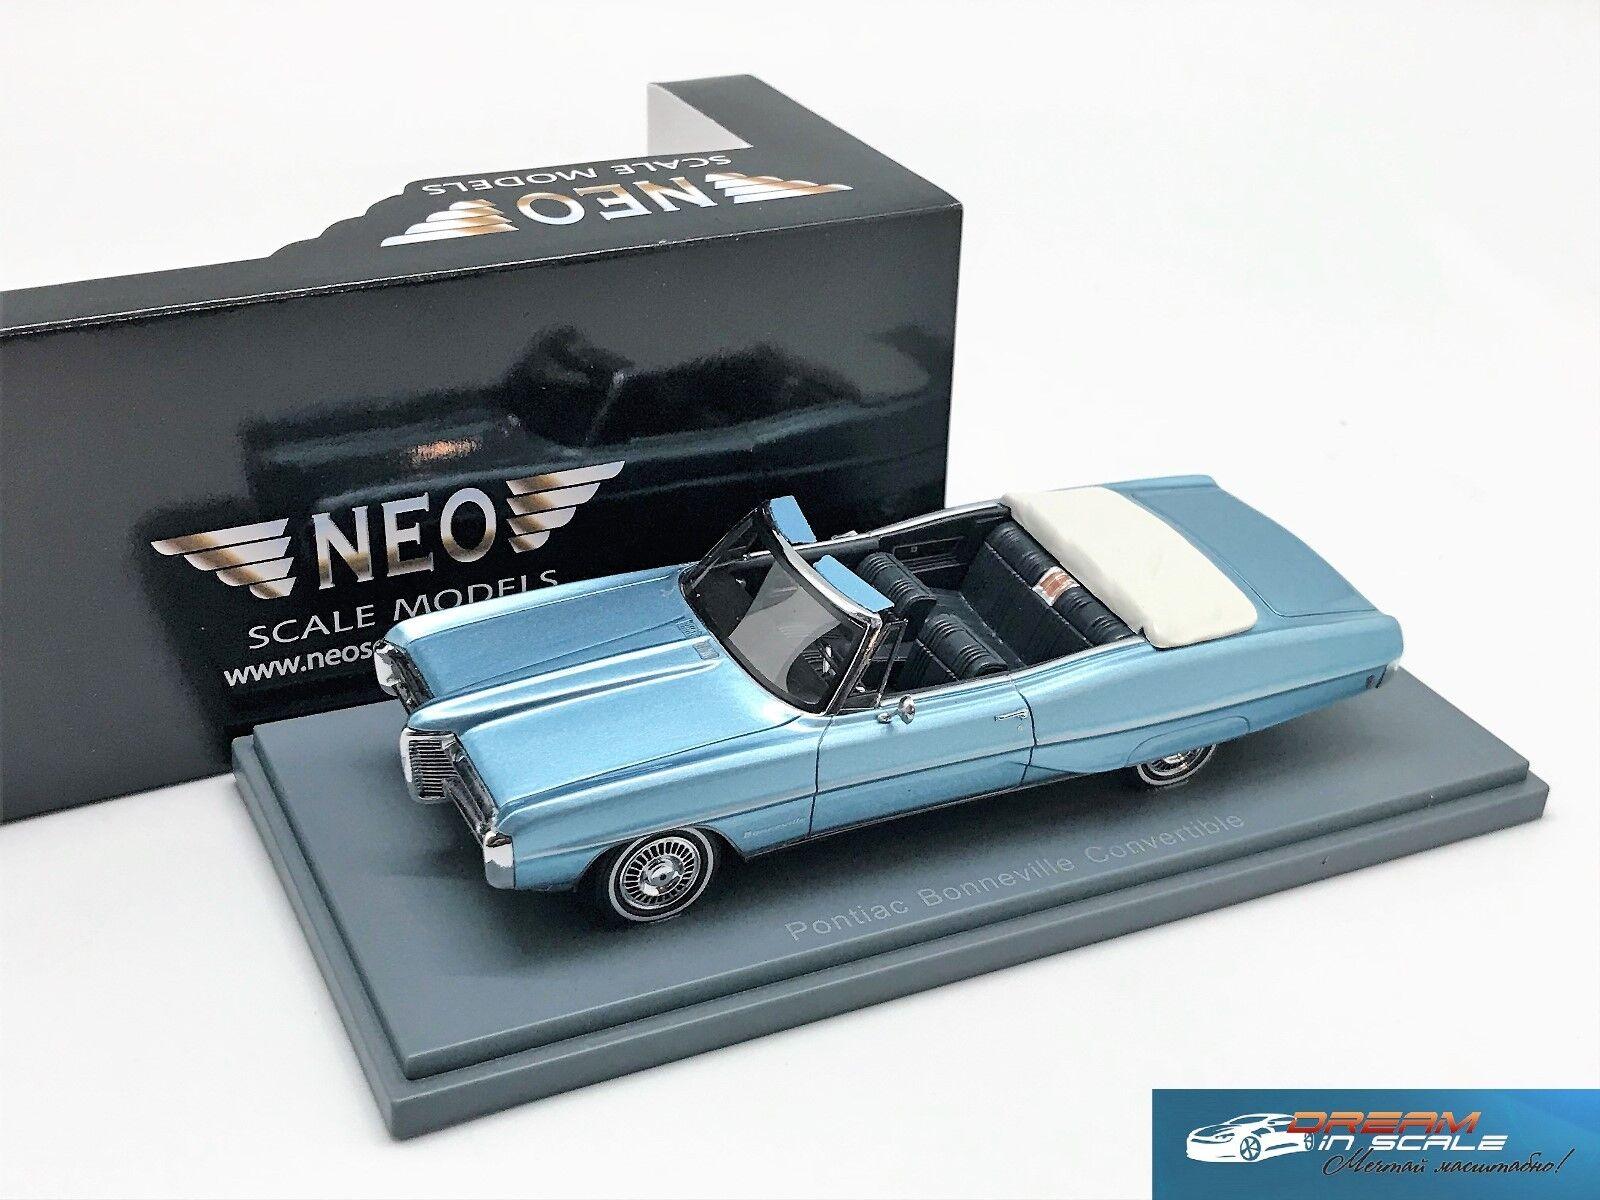 Pontiac Bonneville descapotable, 1968. Neo44111 azul.